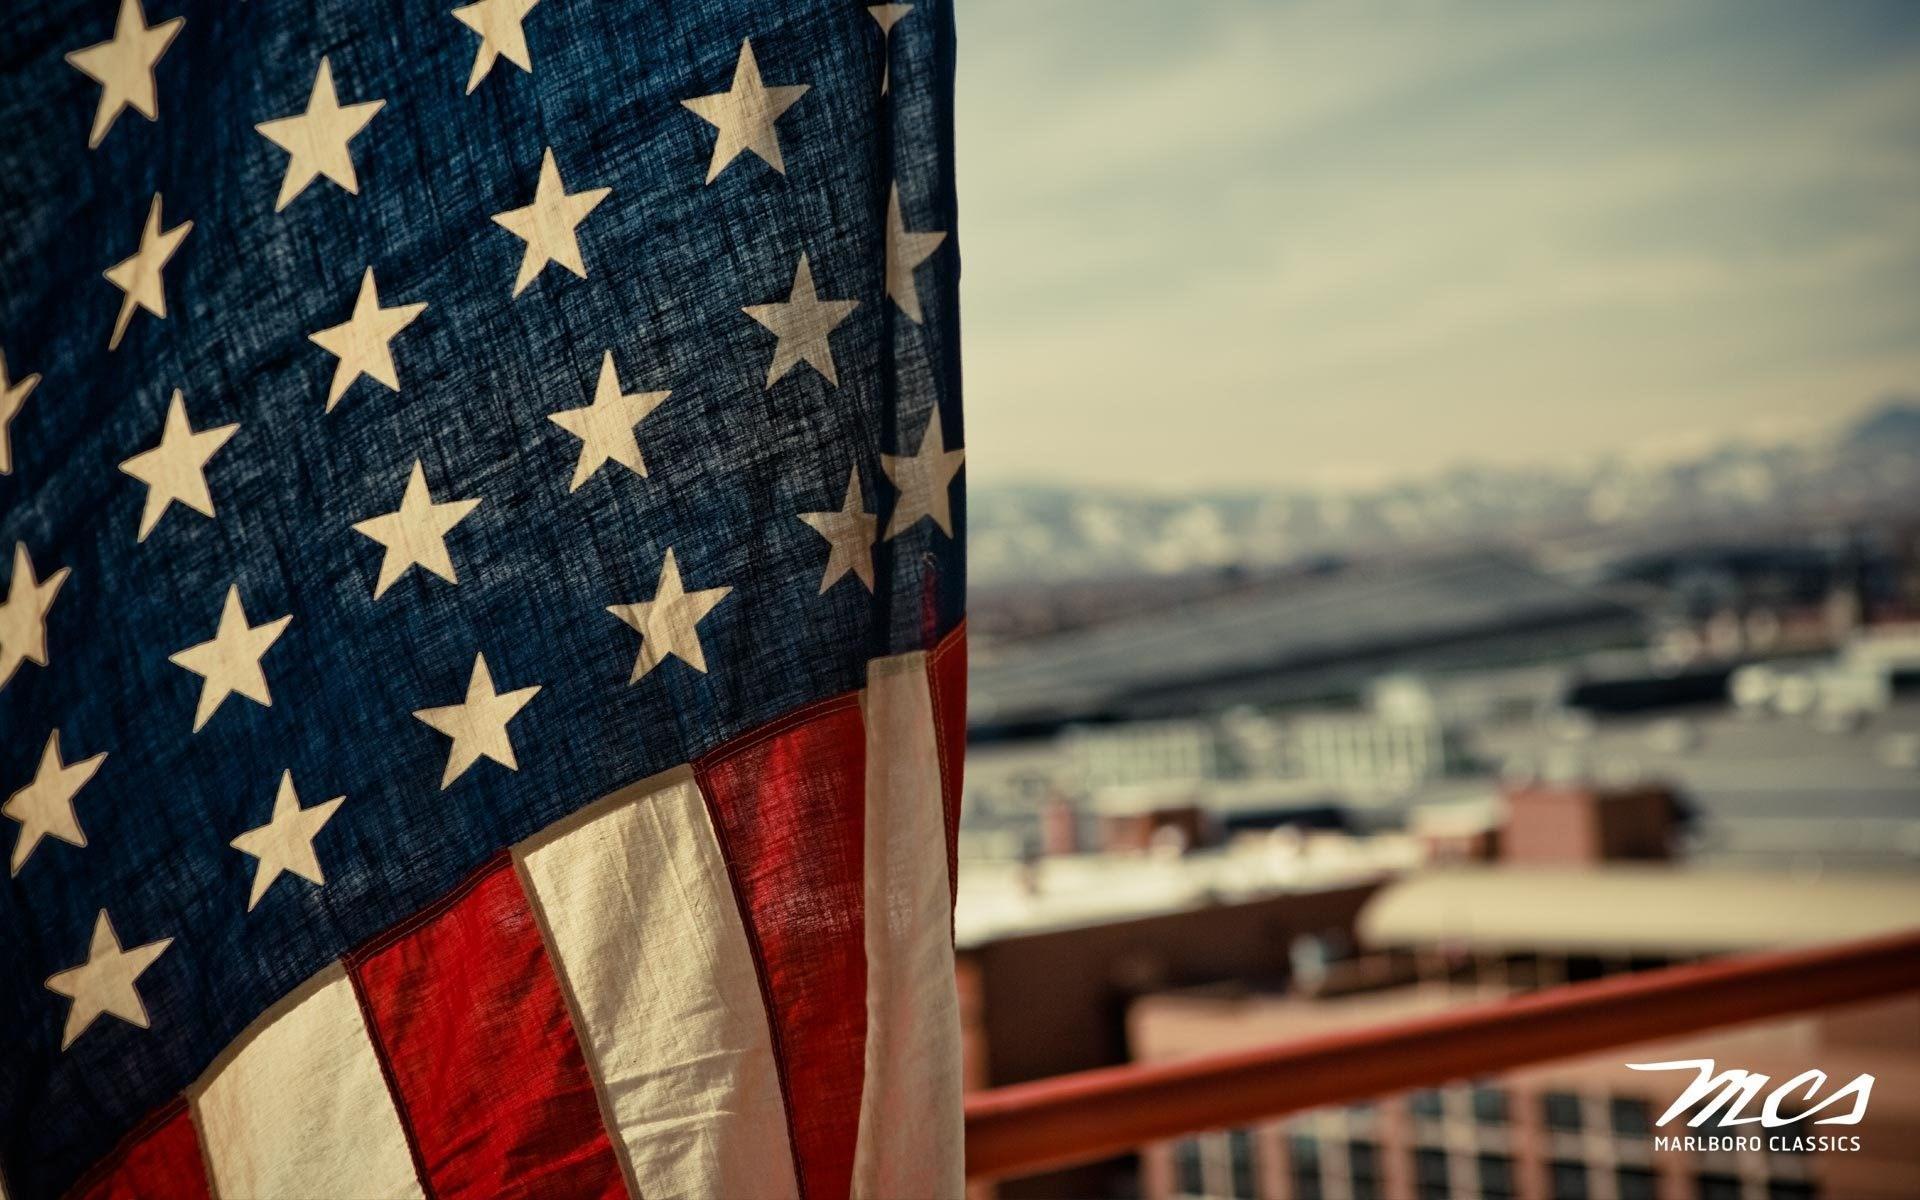 Hd wallpaper usa flag -  Hd Wallpaper Usa Report Usa Flag Download